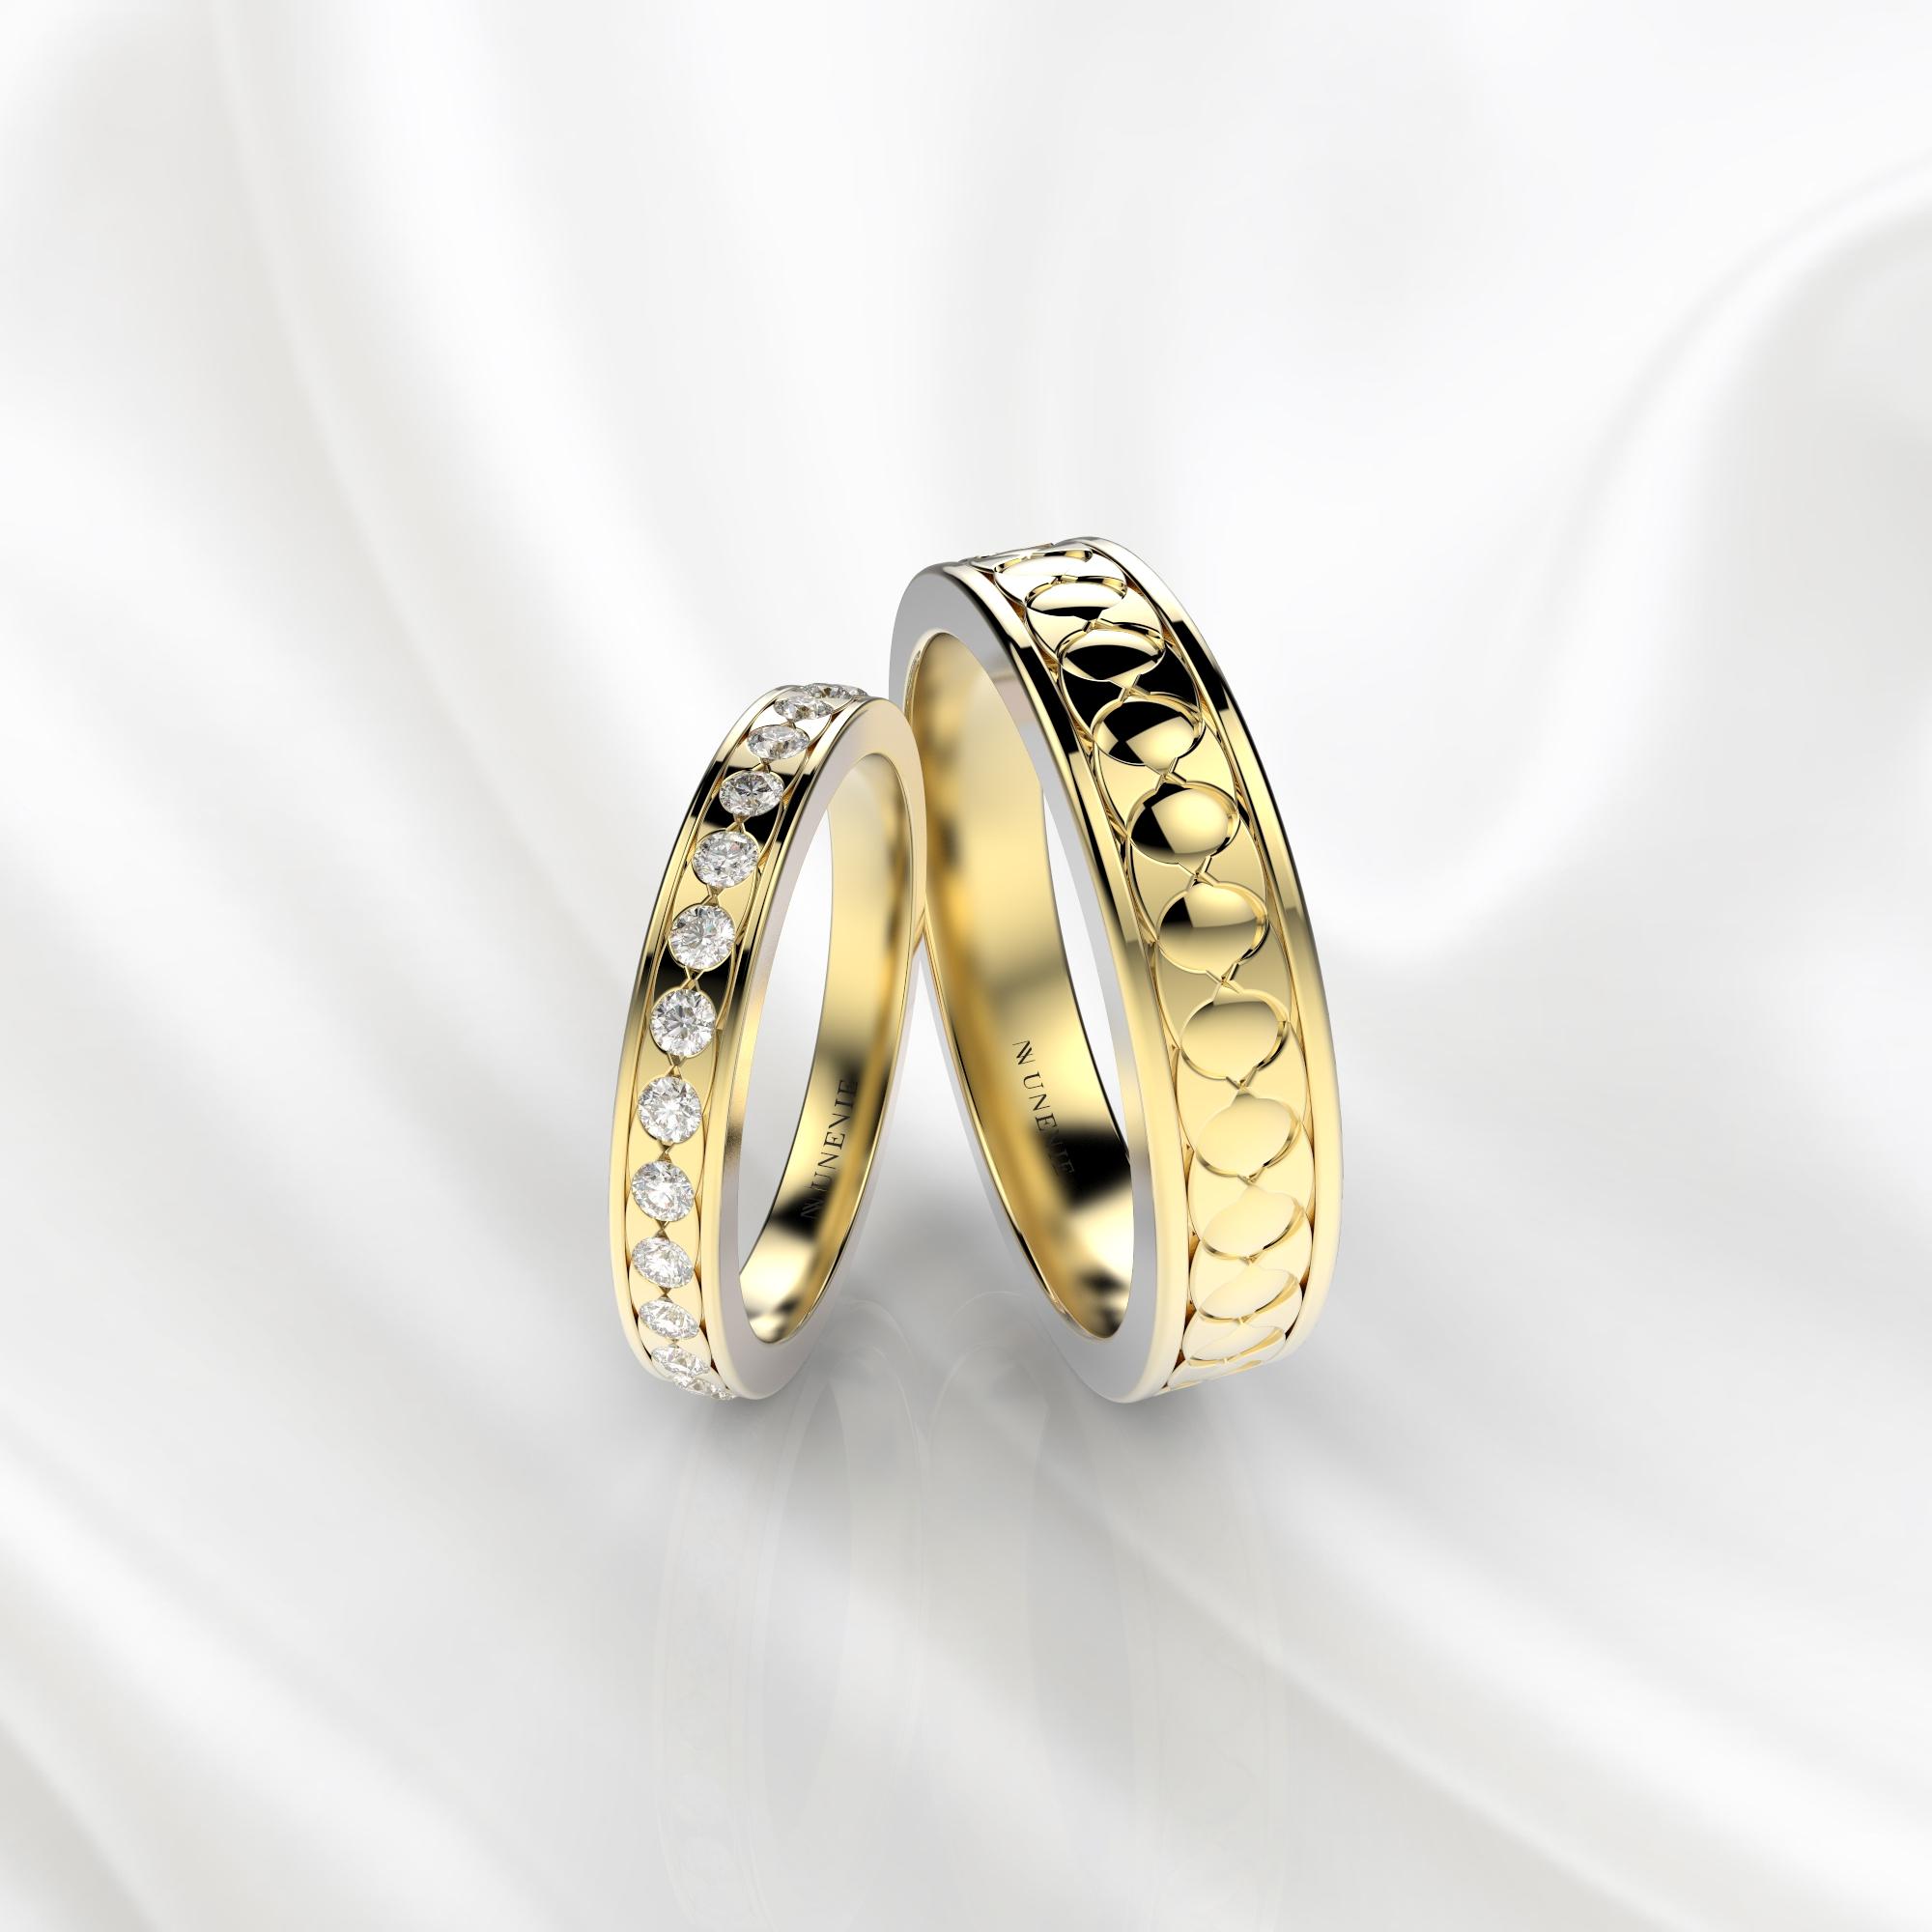 NV53 Парные обручальные кольца из желтого золота с бриллиантами